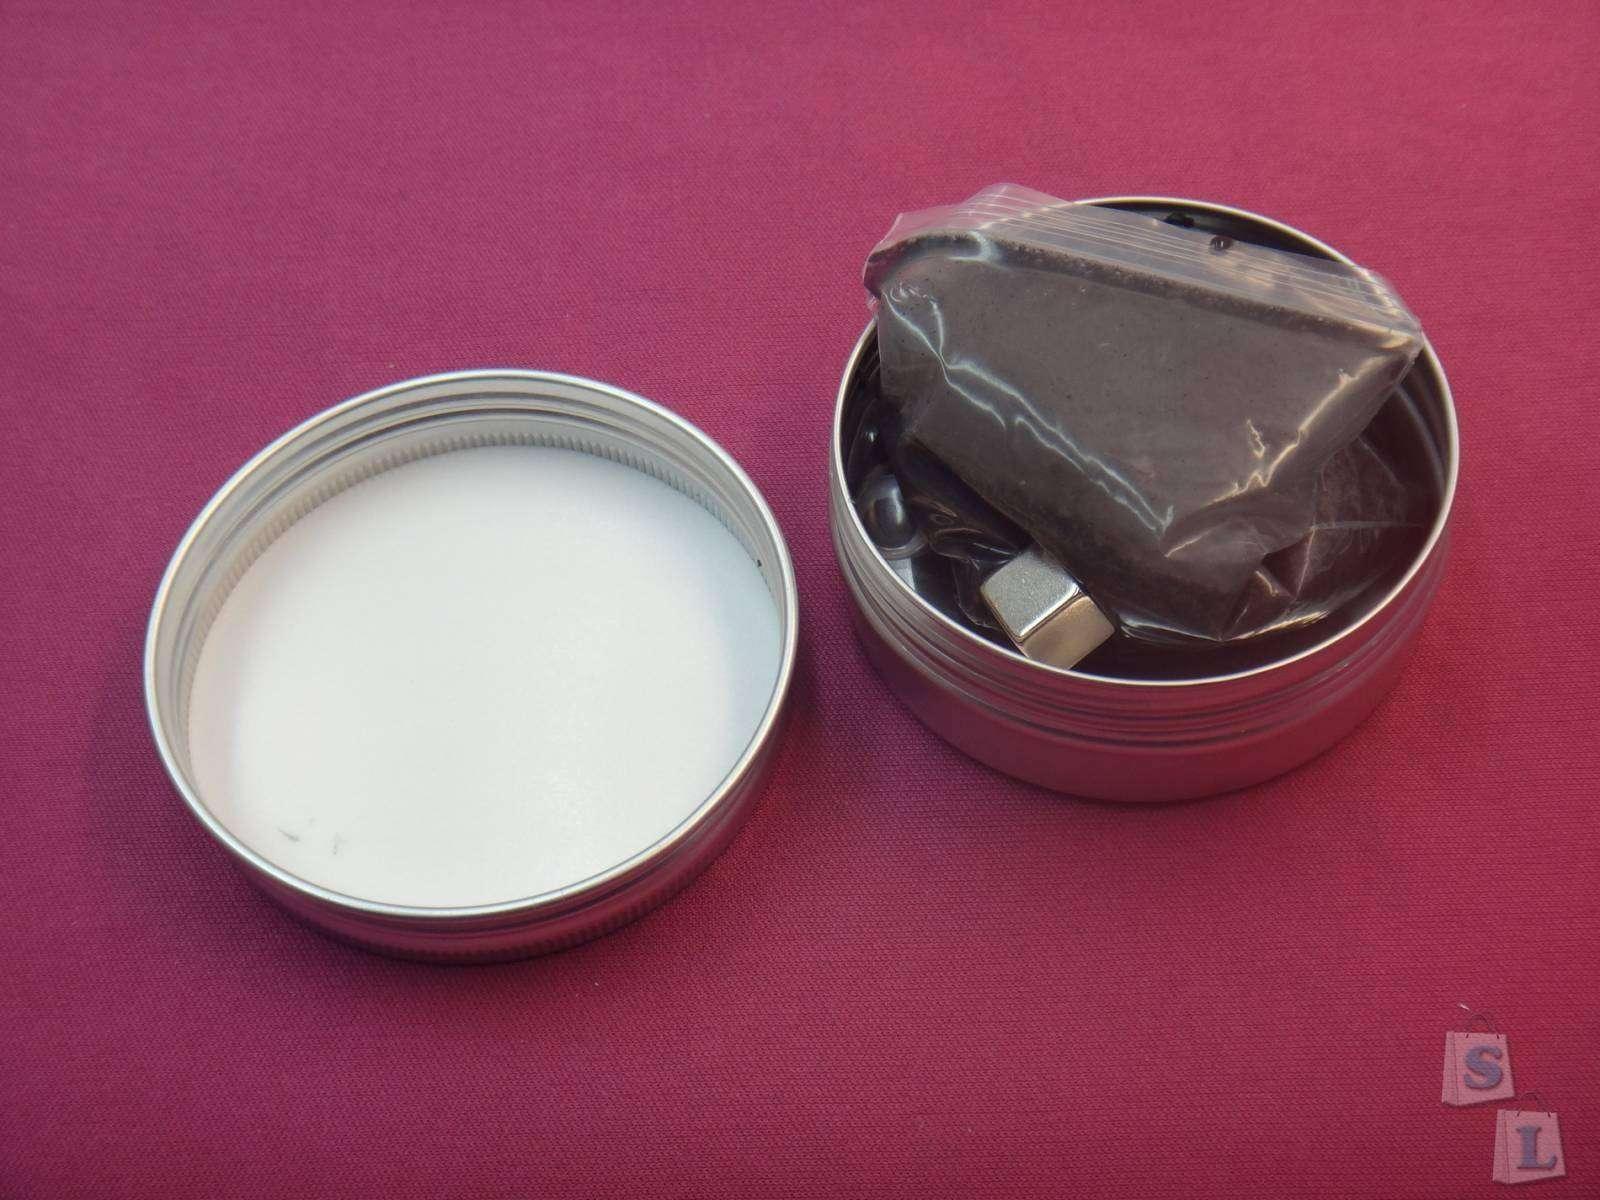 GearBest: MK - 003 Магнитный пластилин, жвачка, шпатлевка с неодимовым магнитом и глазками